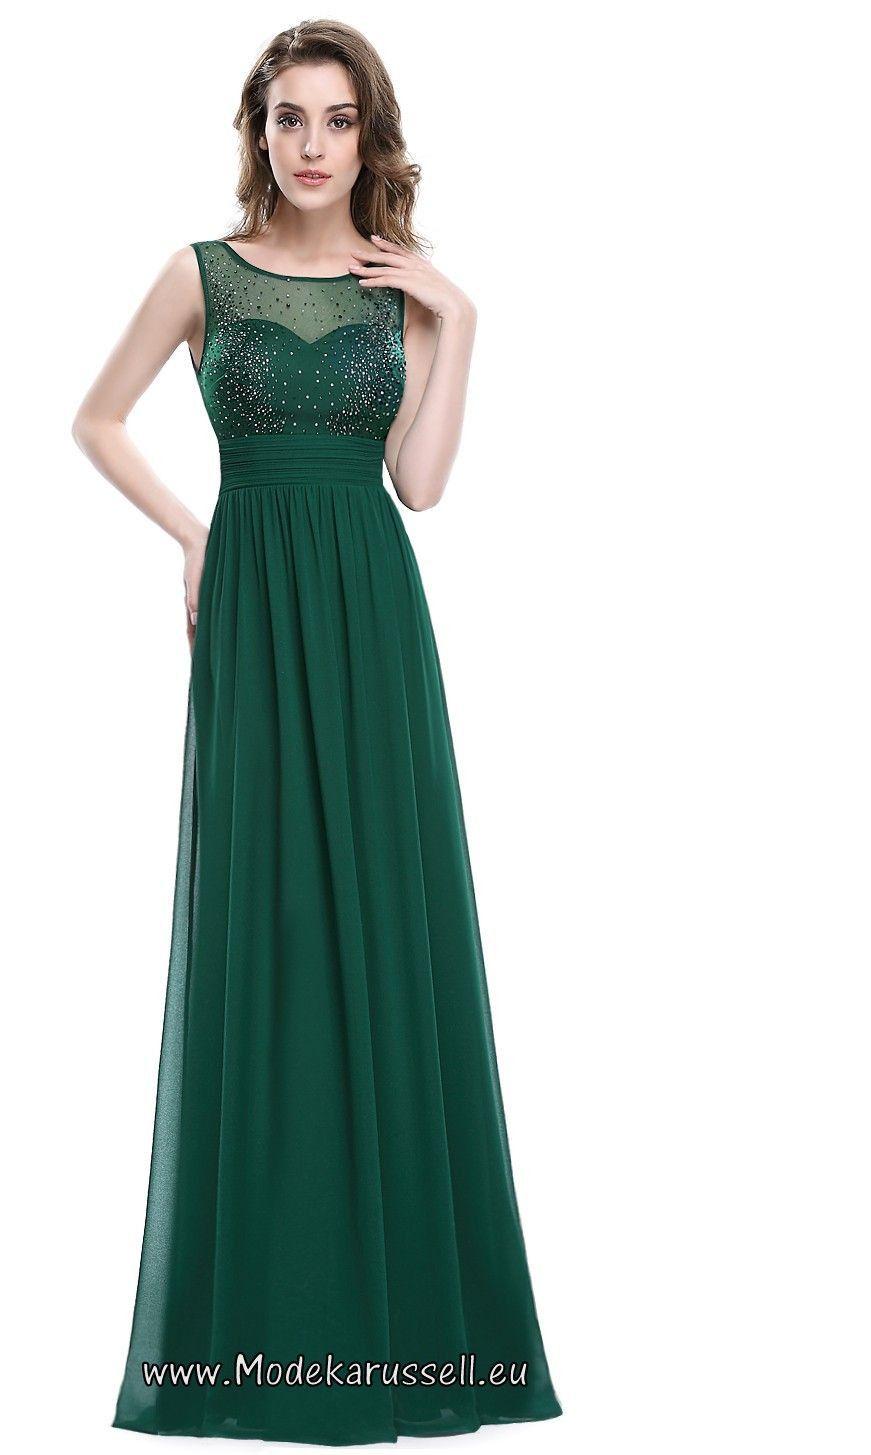 17 luxus grünes kleid a linie boutique | abendkleid grün